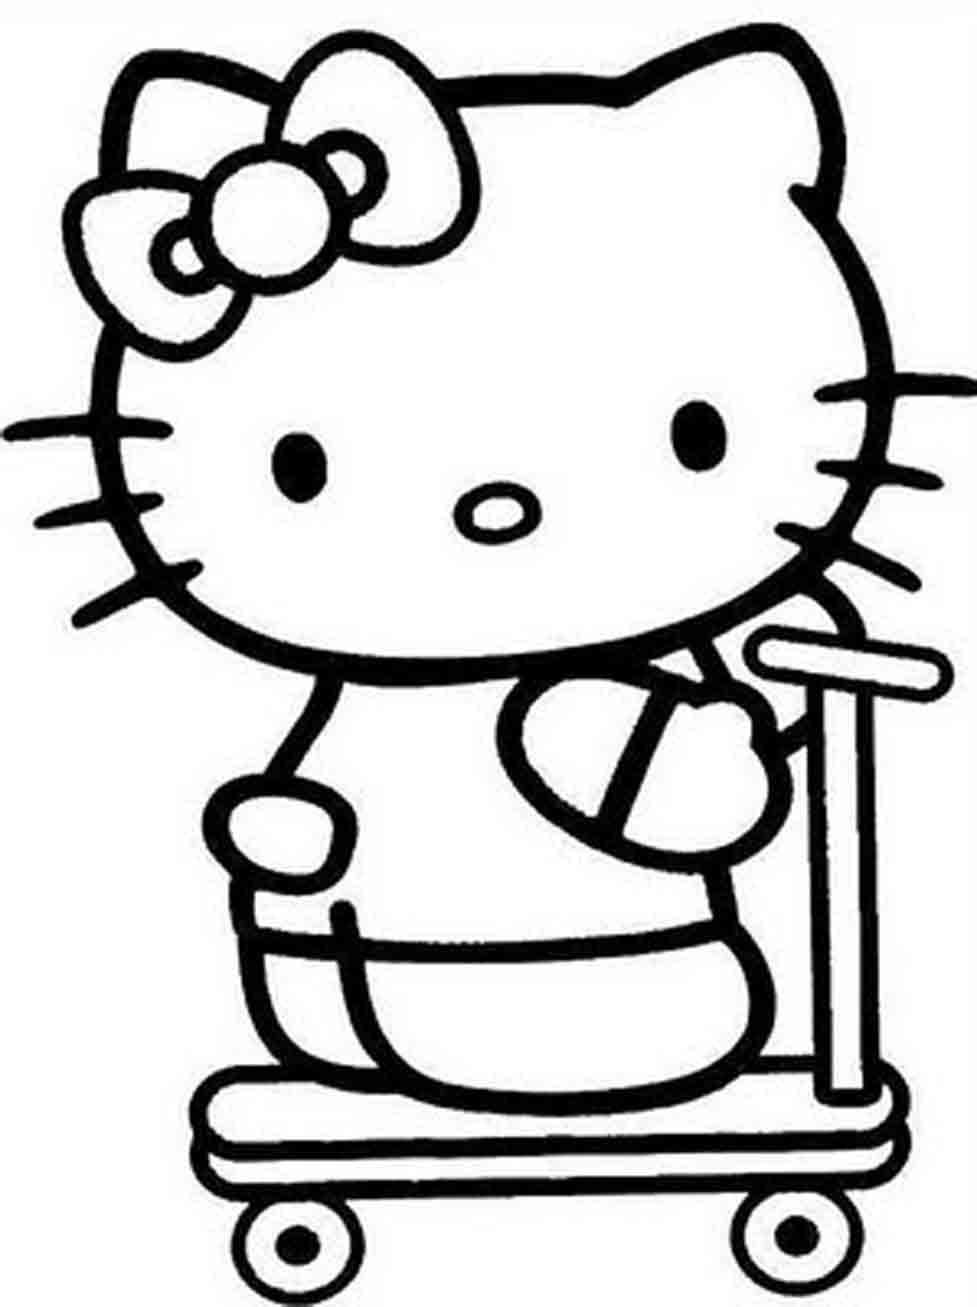 Trottinette roues Hello Kitty La Grande Rcr : vente de jouets et